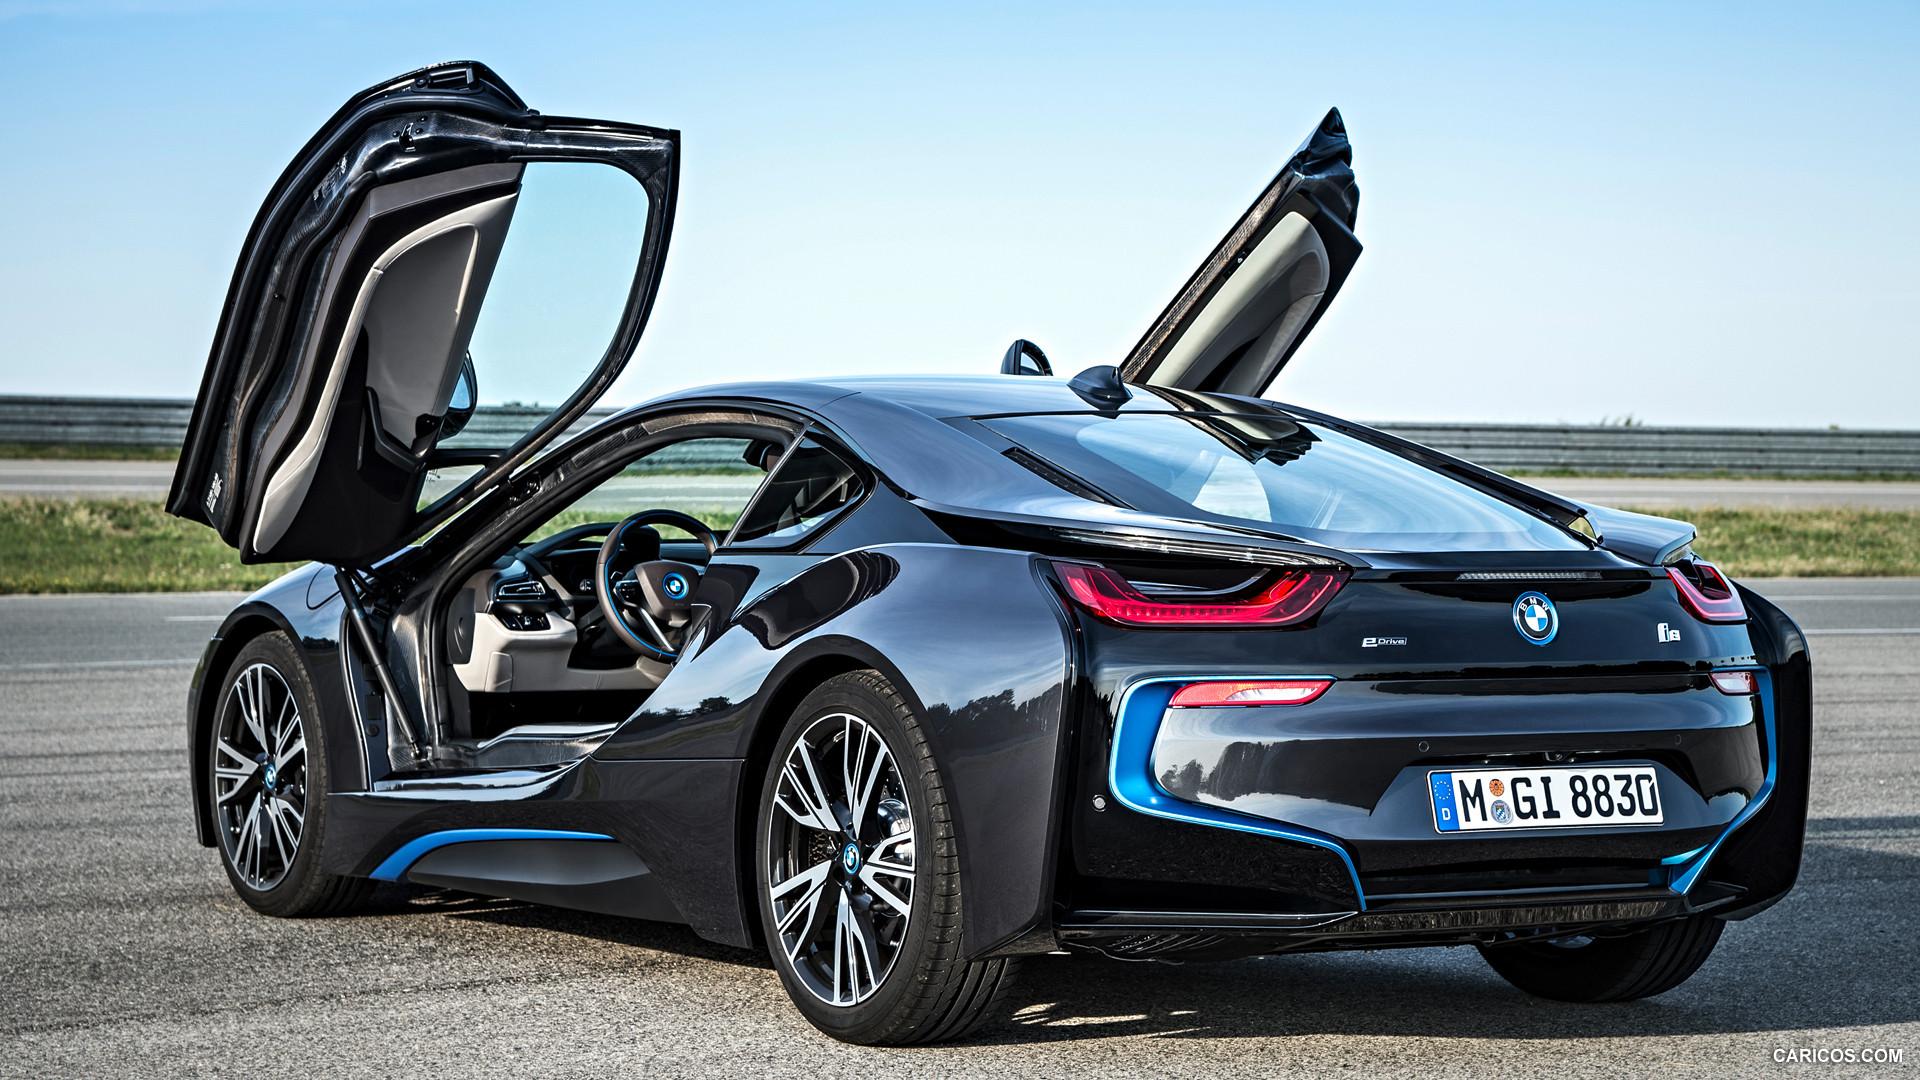 BMW X5 F15 (2015-2016) - цена, фото, видео, характеристики ...